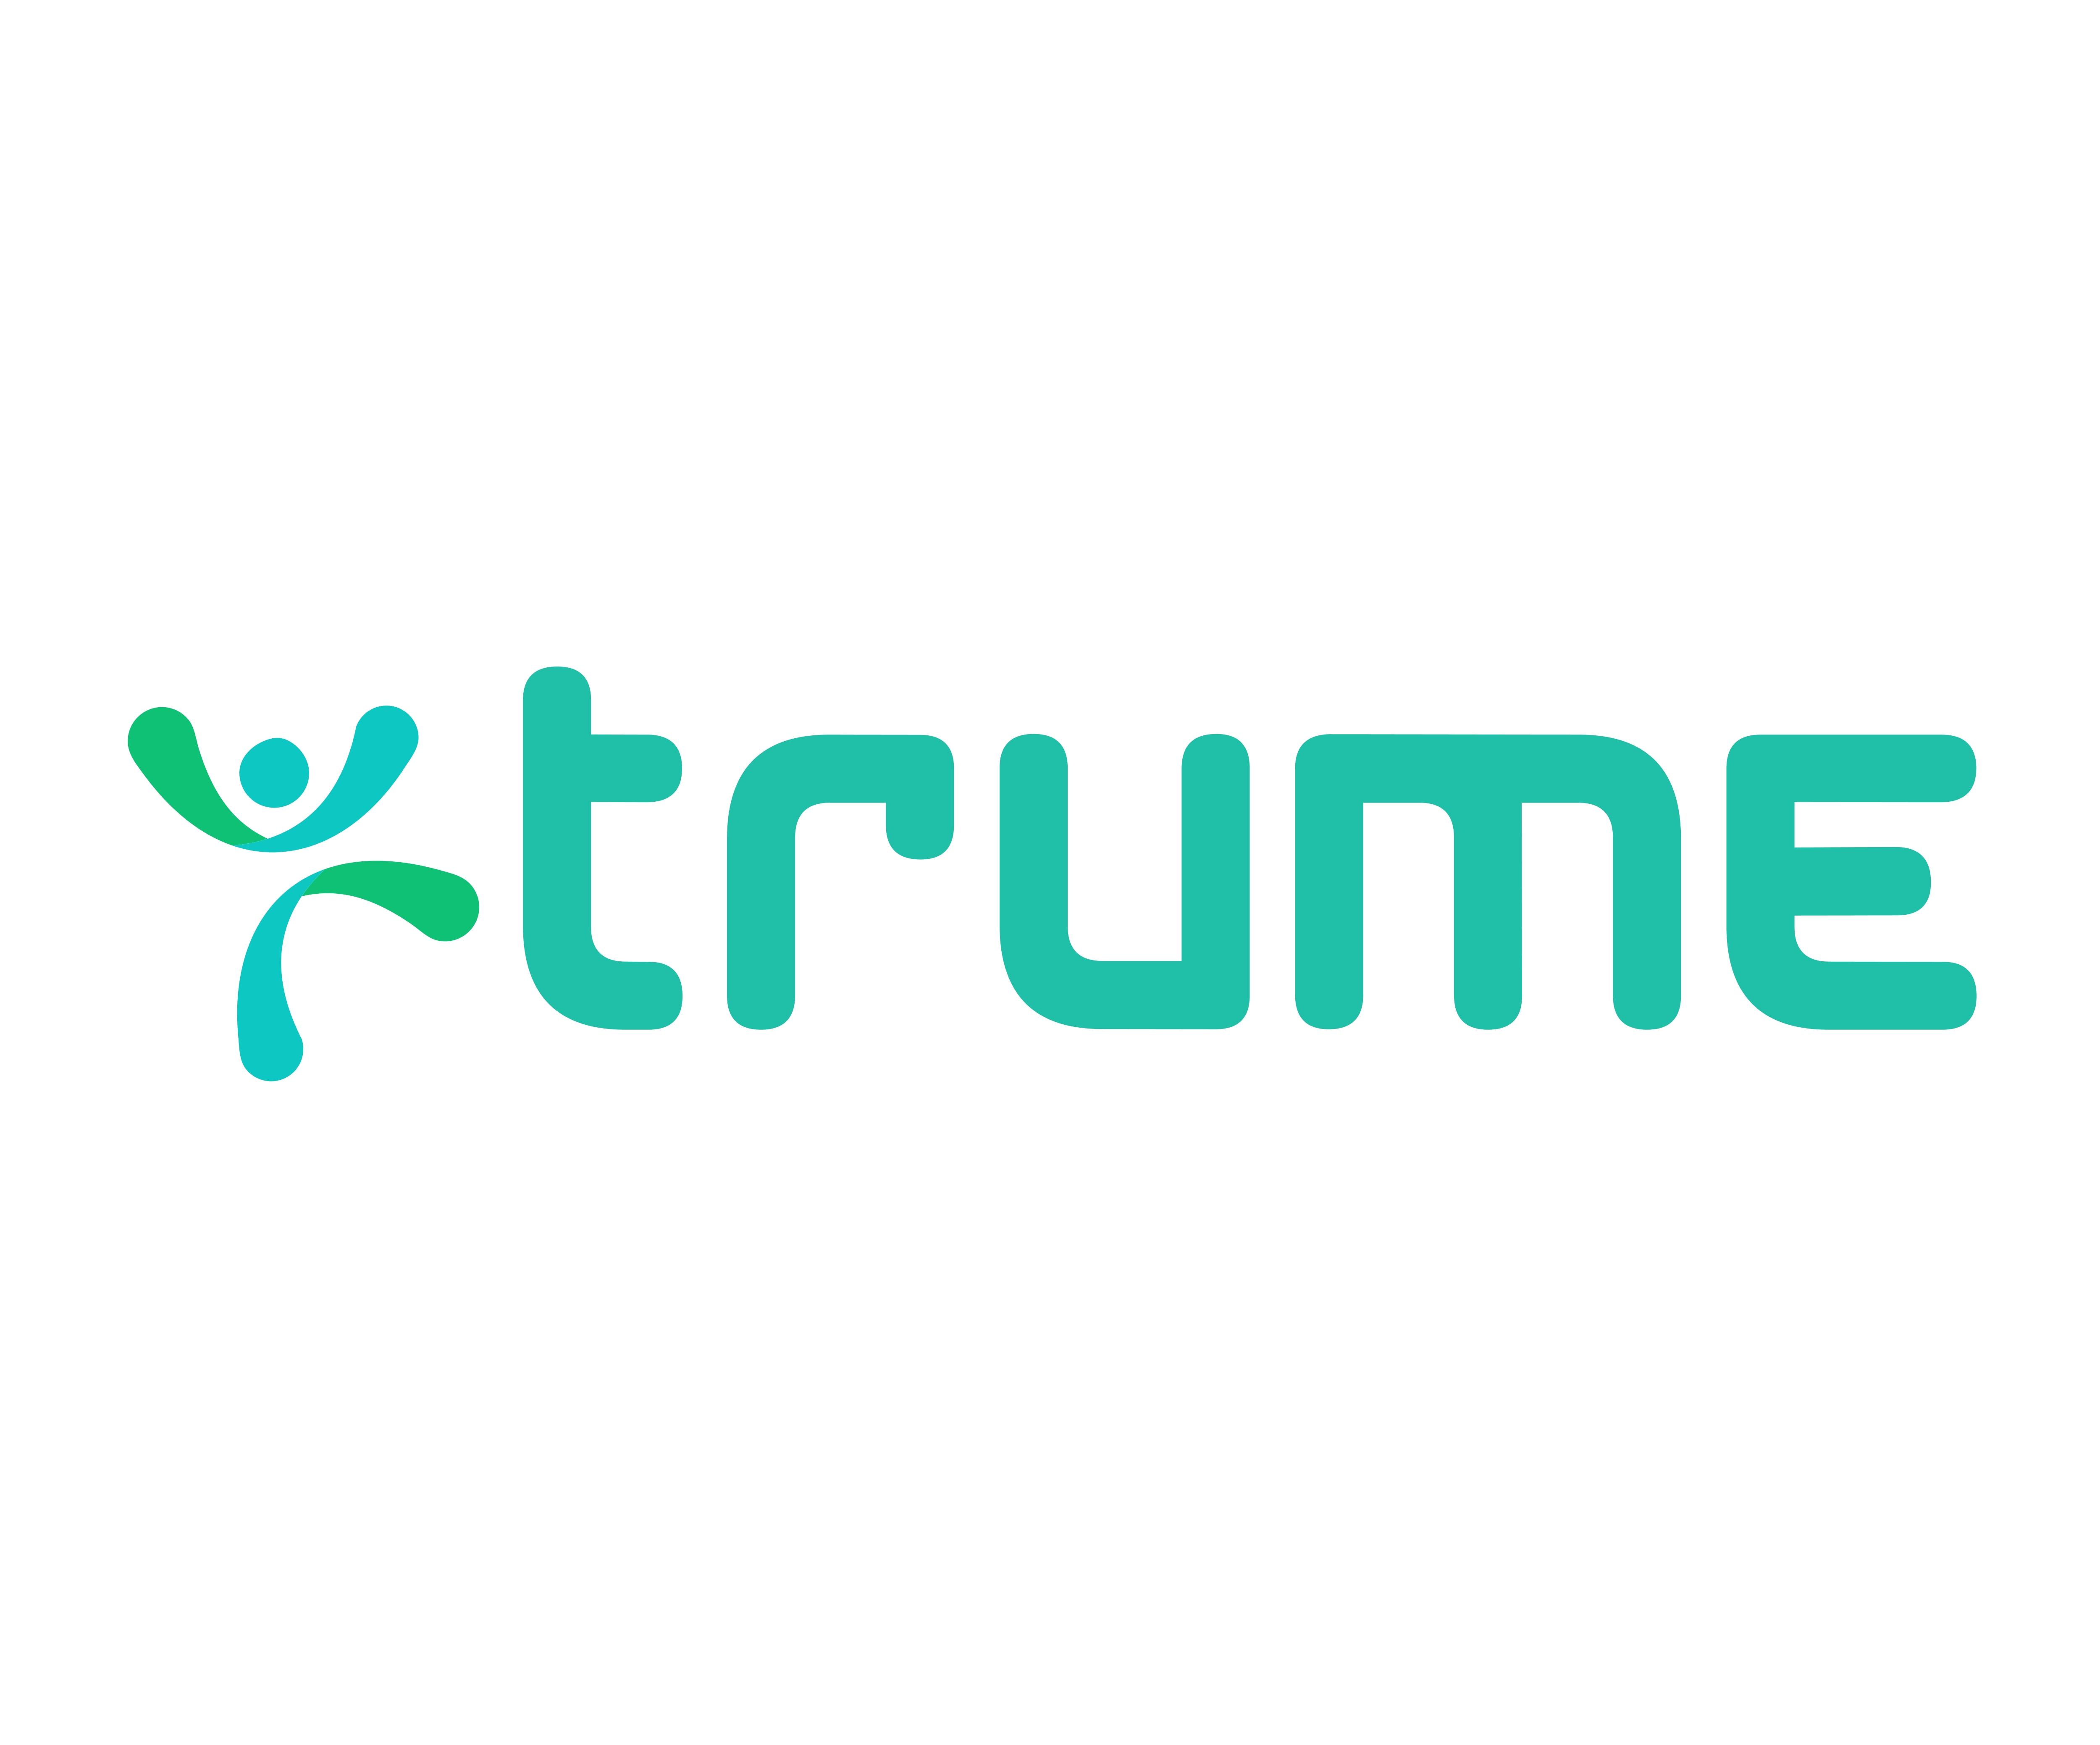 TruMe